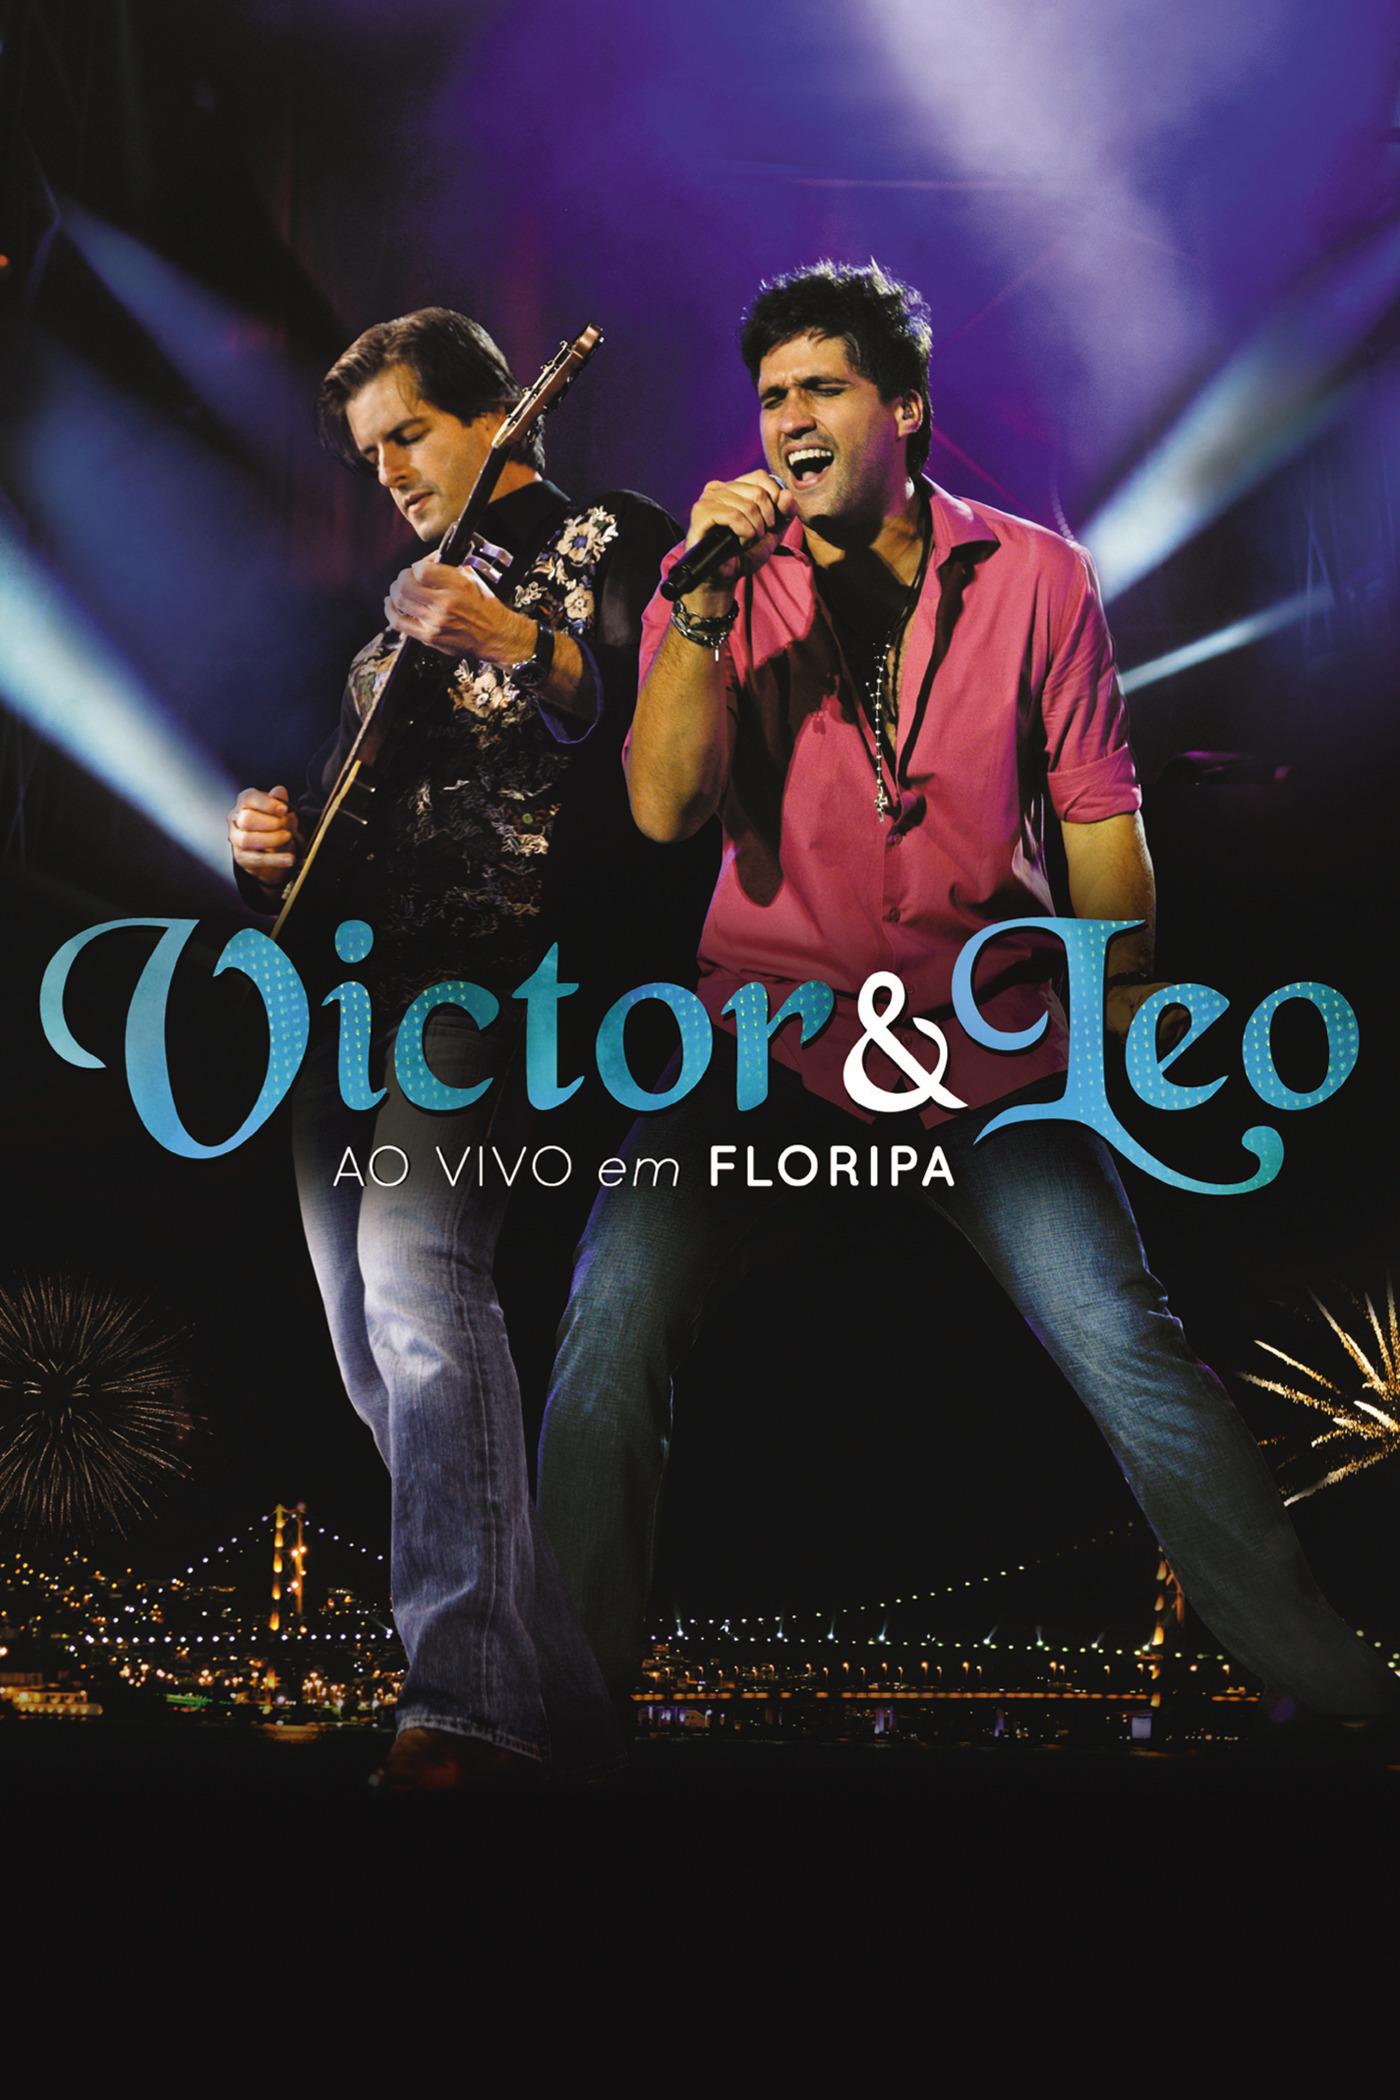 Victor & Leo: Ao Vivo em Floripa